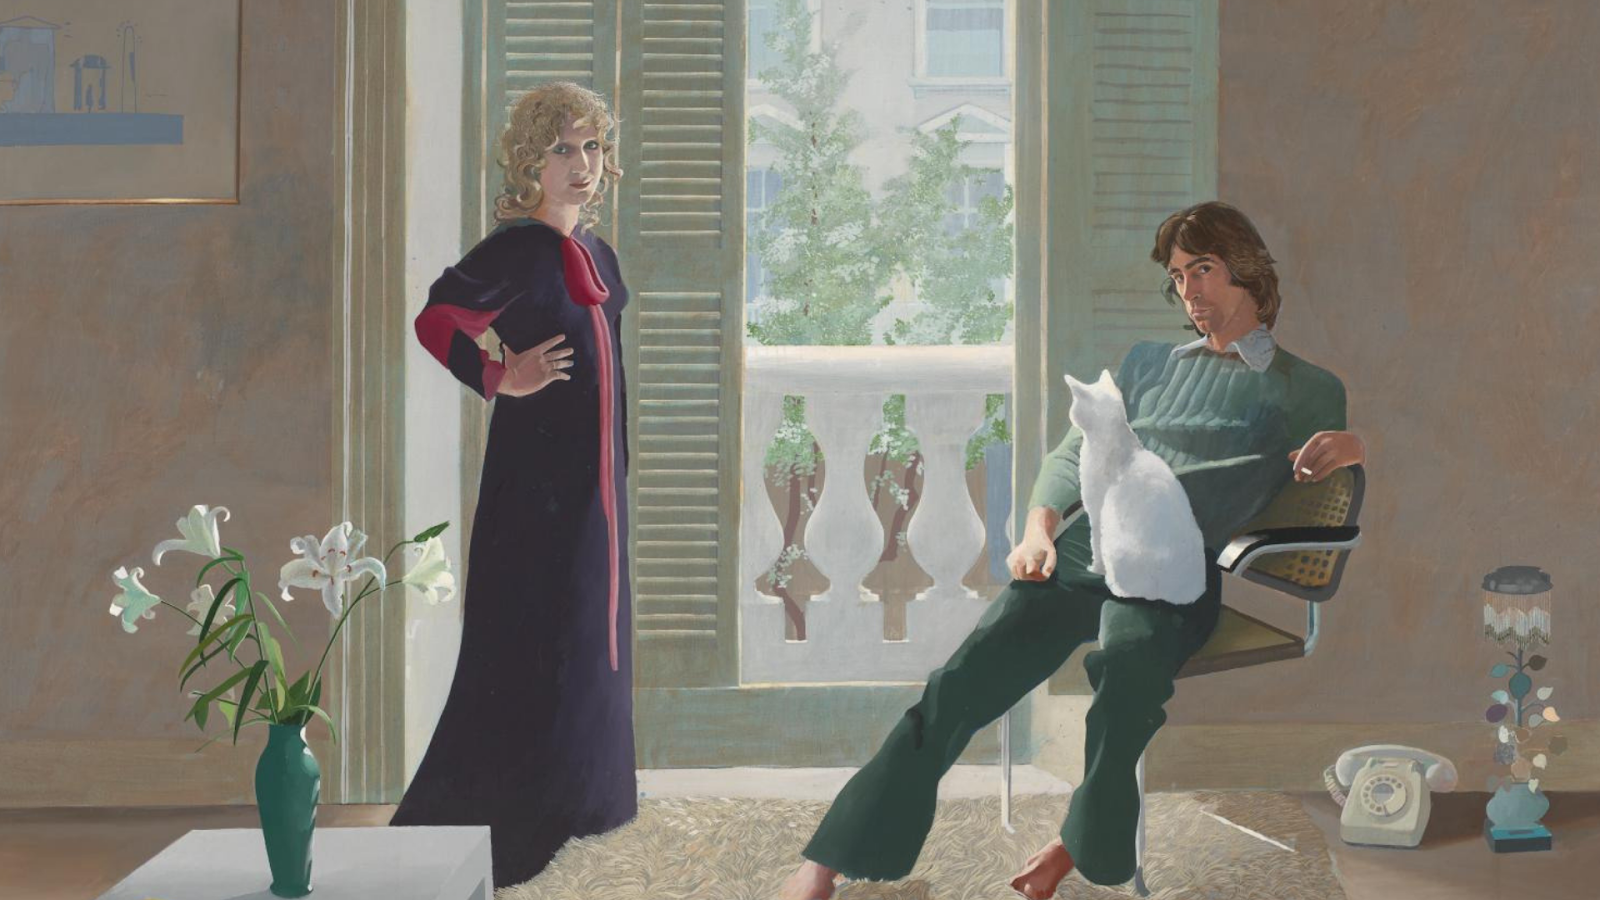 Obraz Davida Hockney'a - scena z życia małżeńskiego | nowy film na kanale